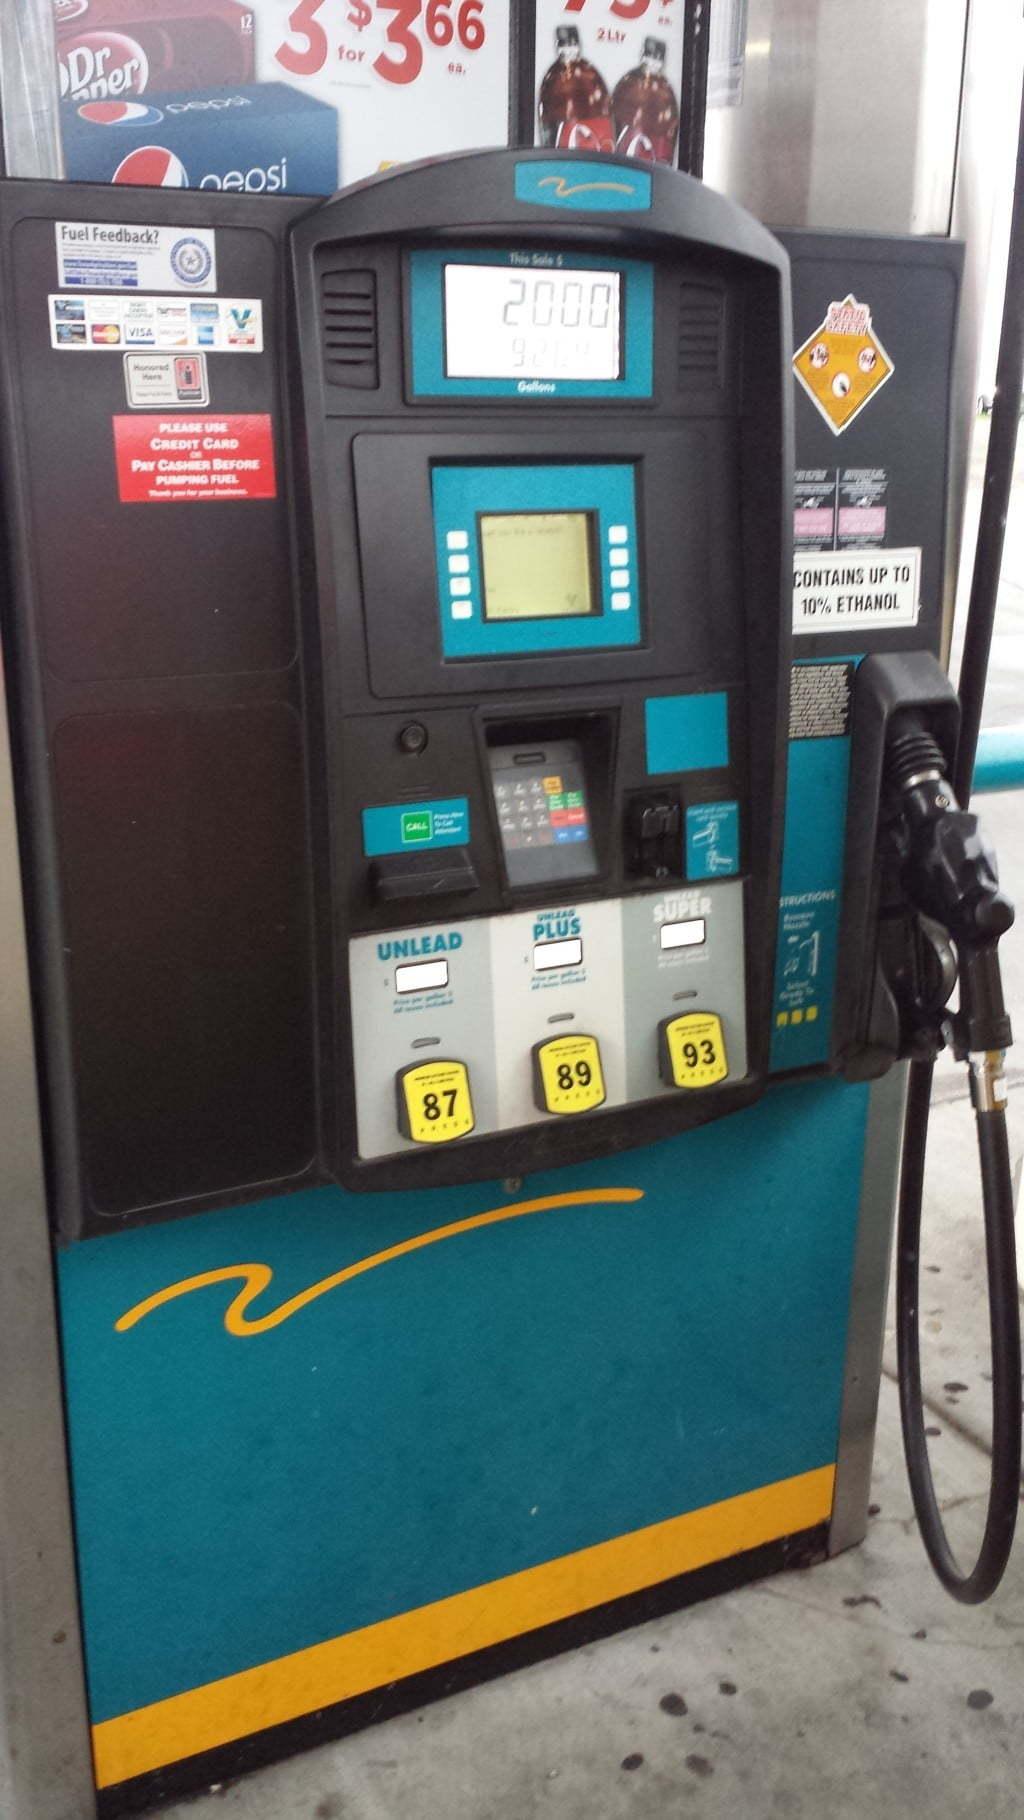 Bomba de gasolina nos EUA - Três tipos de gasolina